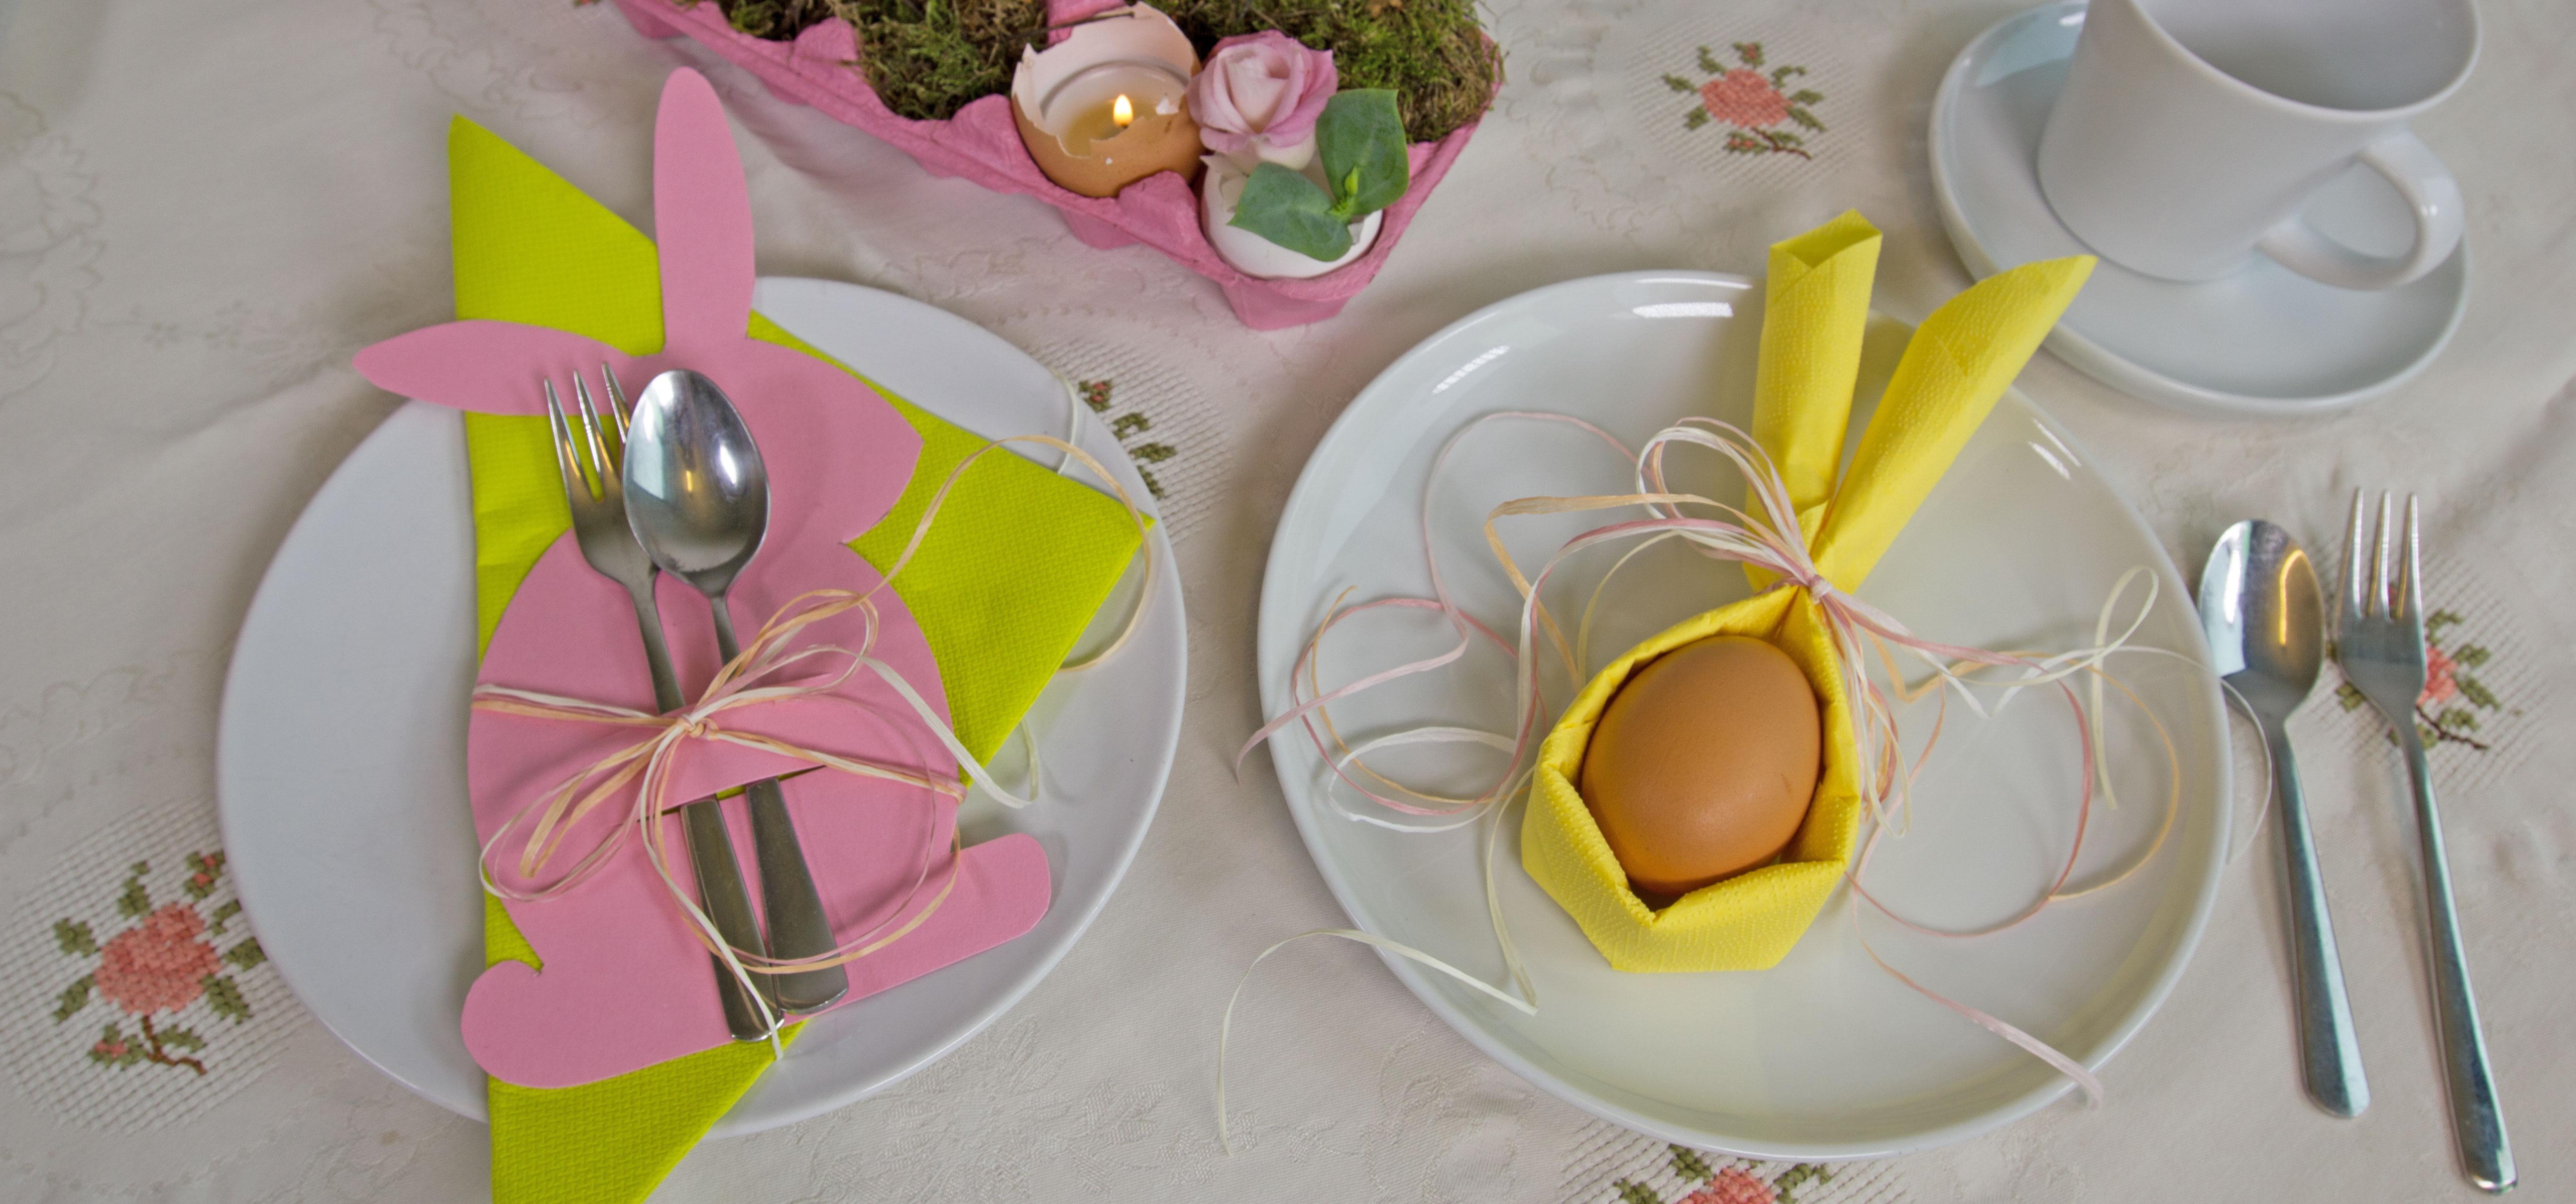 Besteck In Servietten Einwickeln servietten deko für den oster tisch chefkoch de